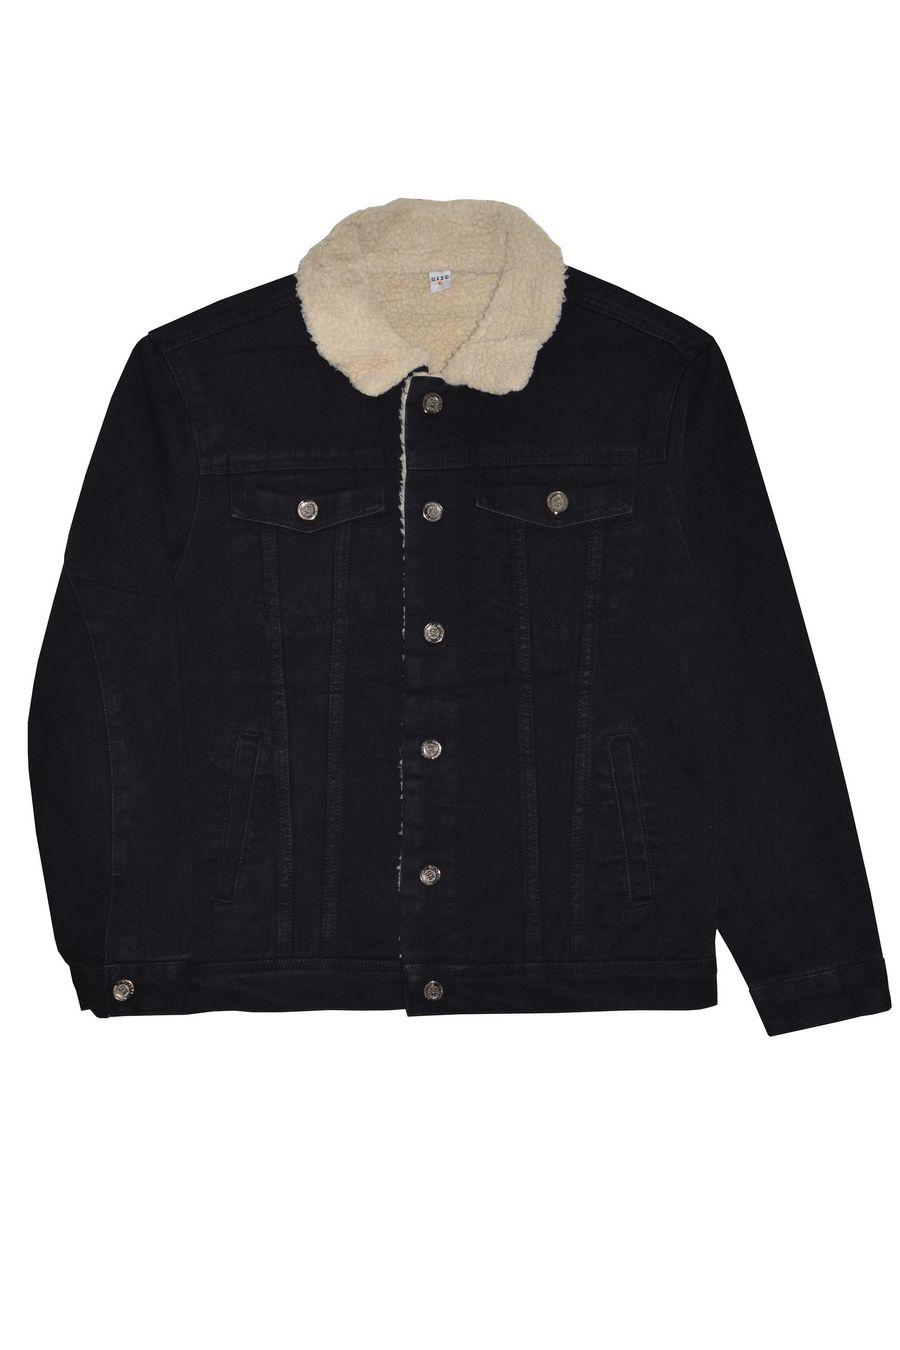 Куртка мужская Kitongoid T096 утепленная - фото 1